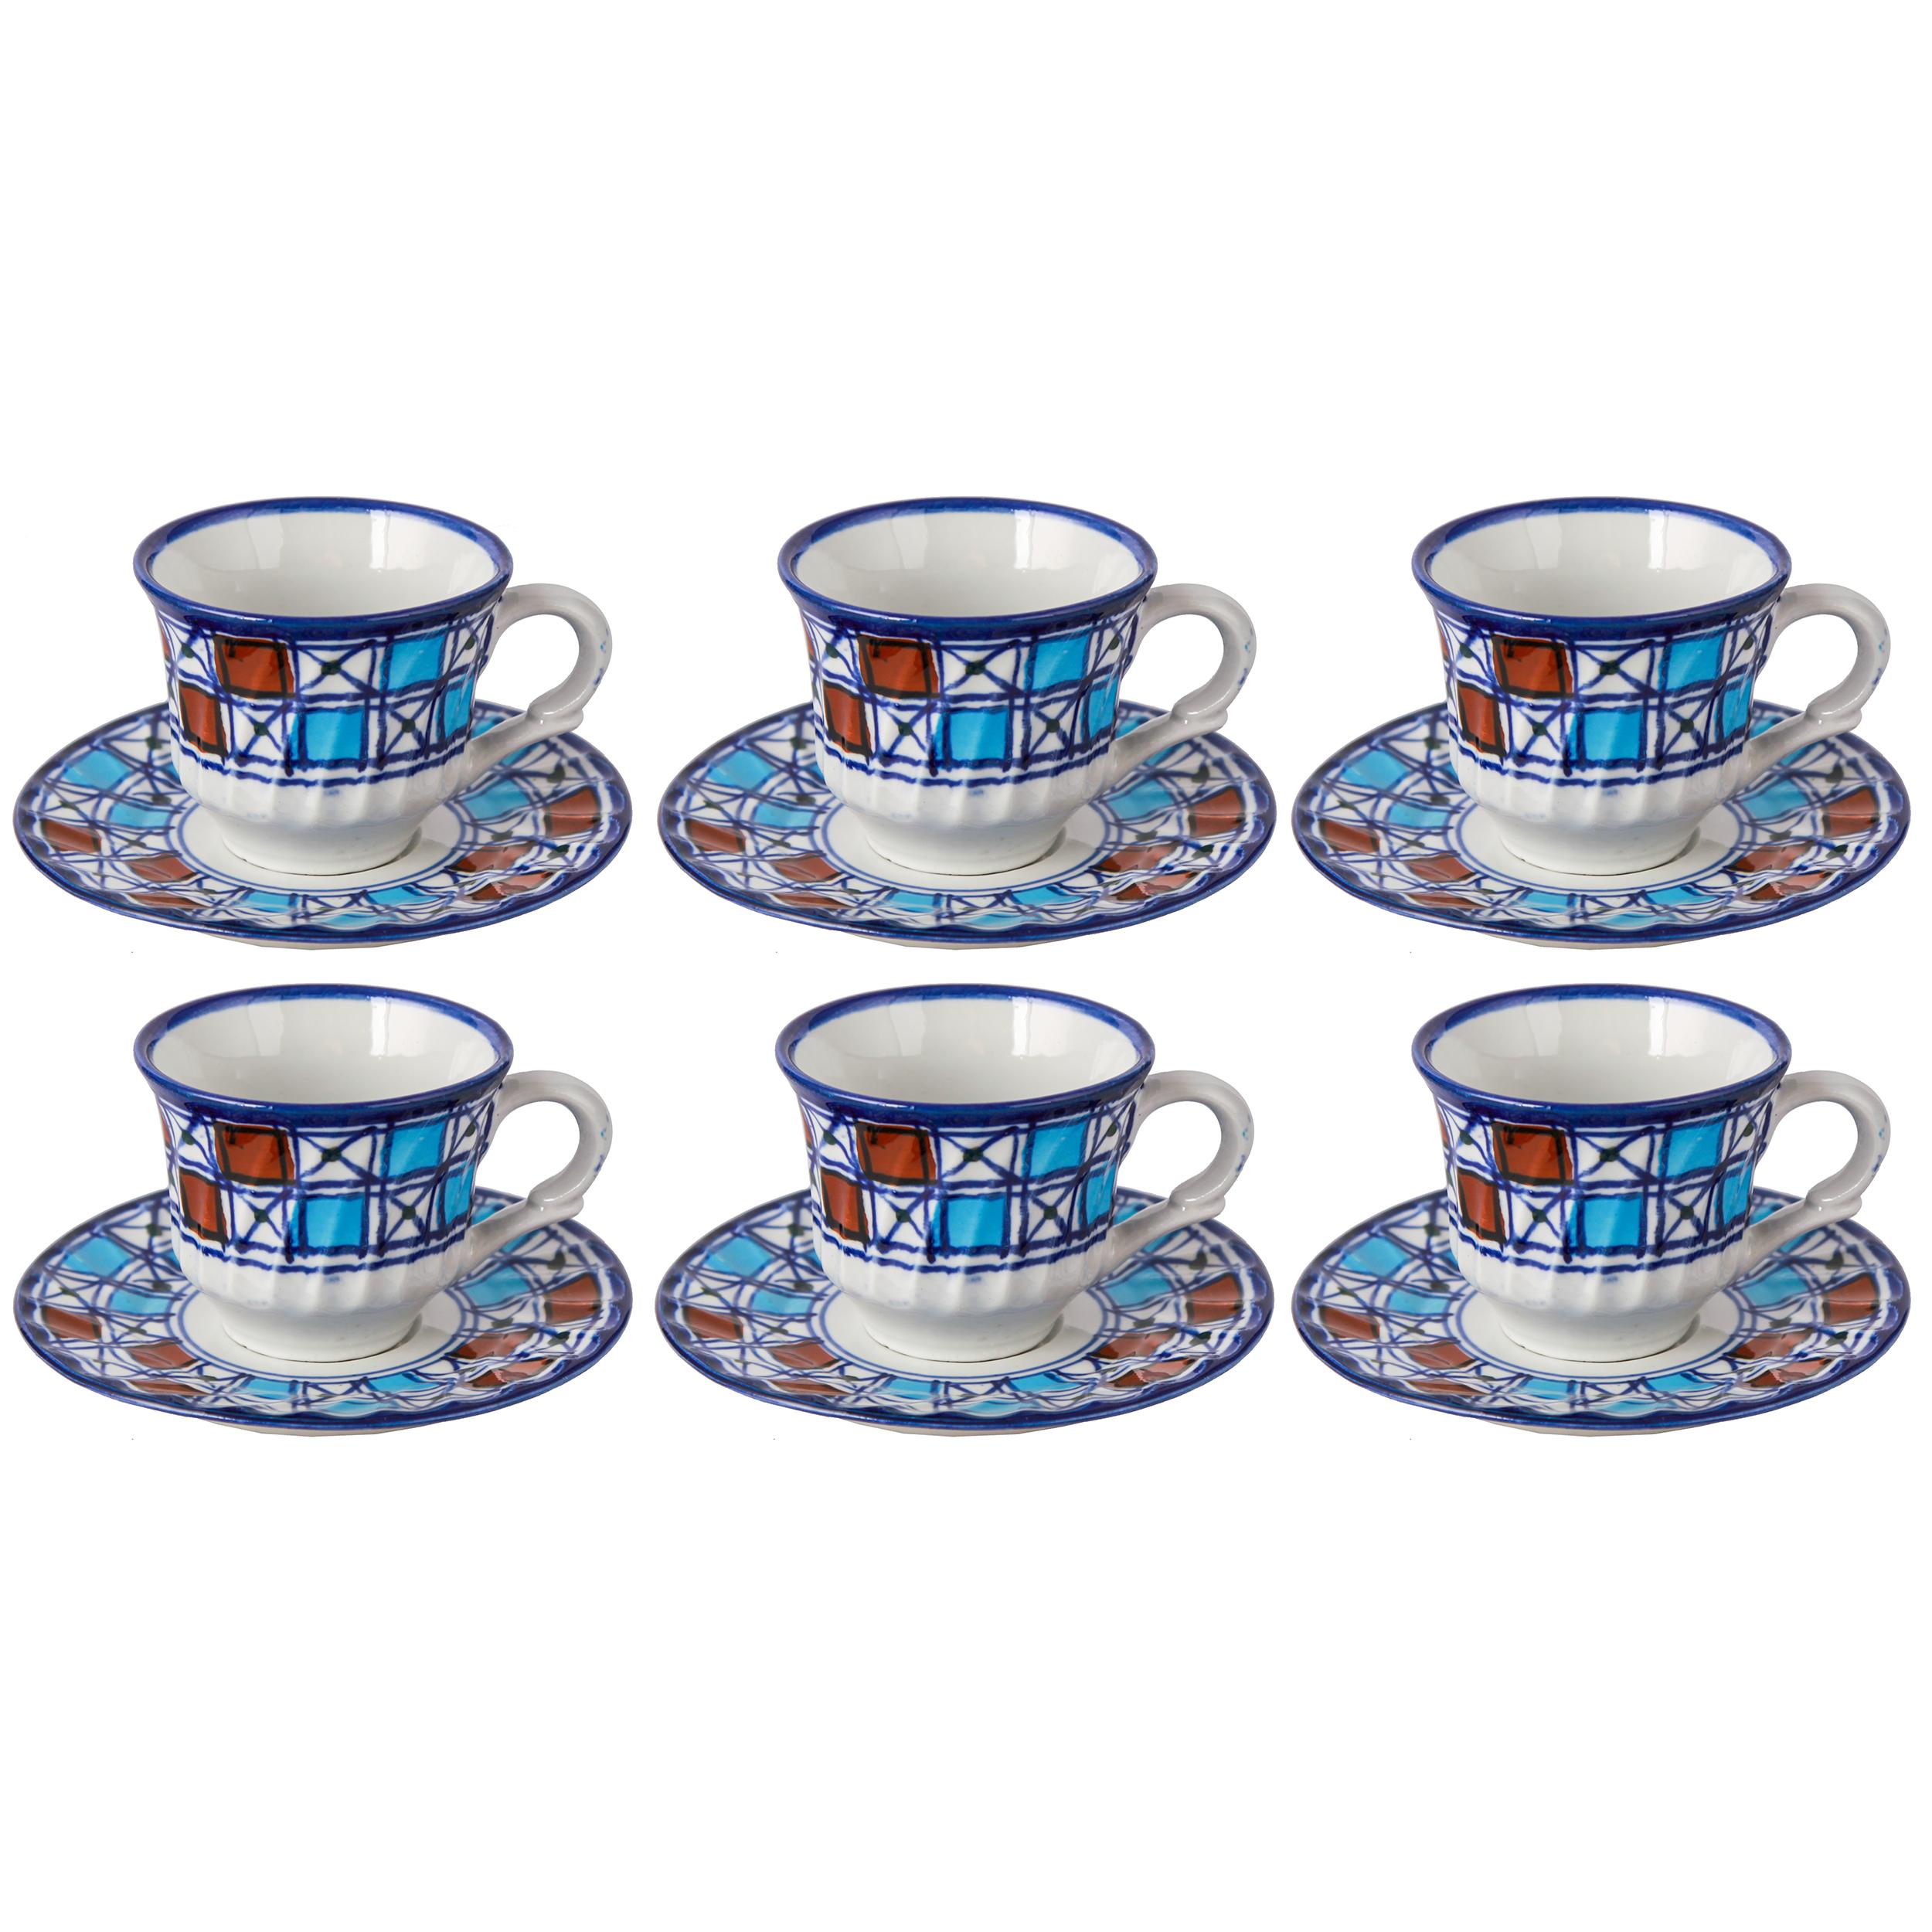 سرویس چای خوری چینی میبد مروارید طرح شطرنجی کد 78062